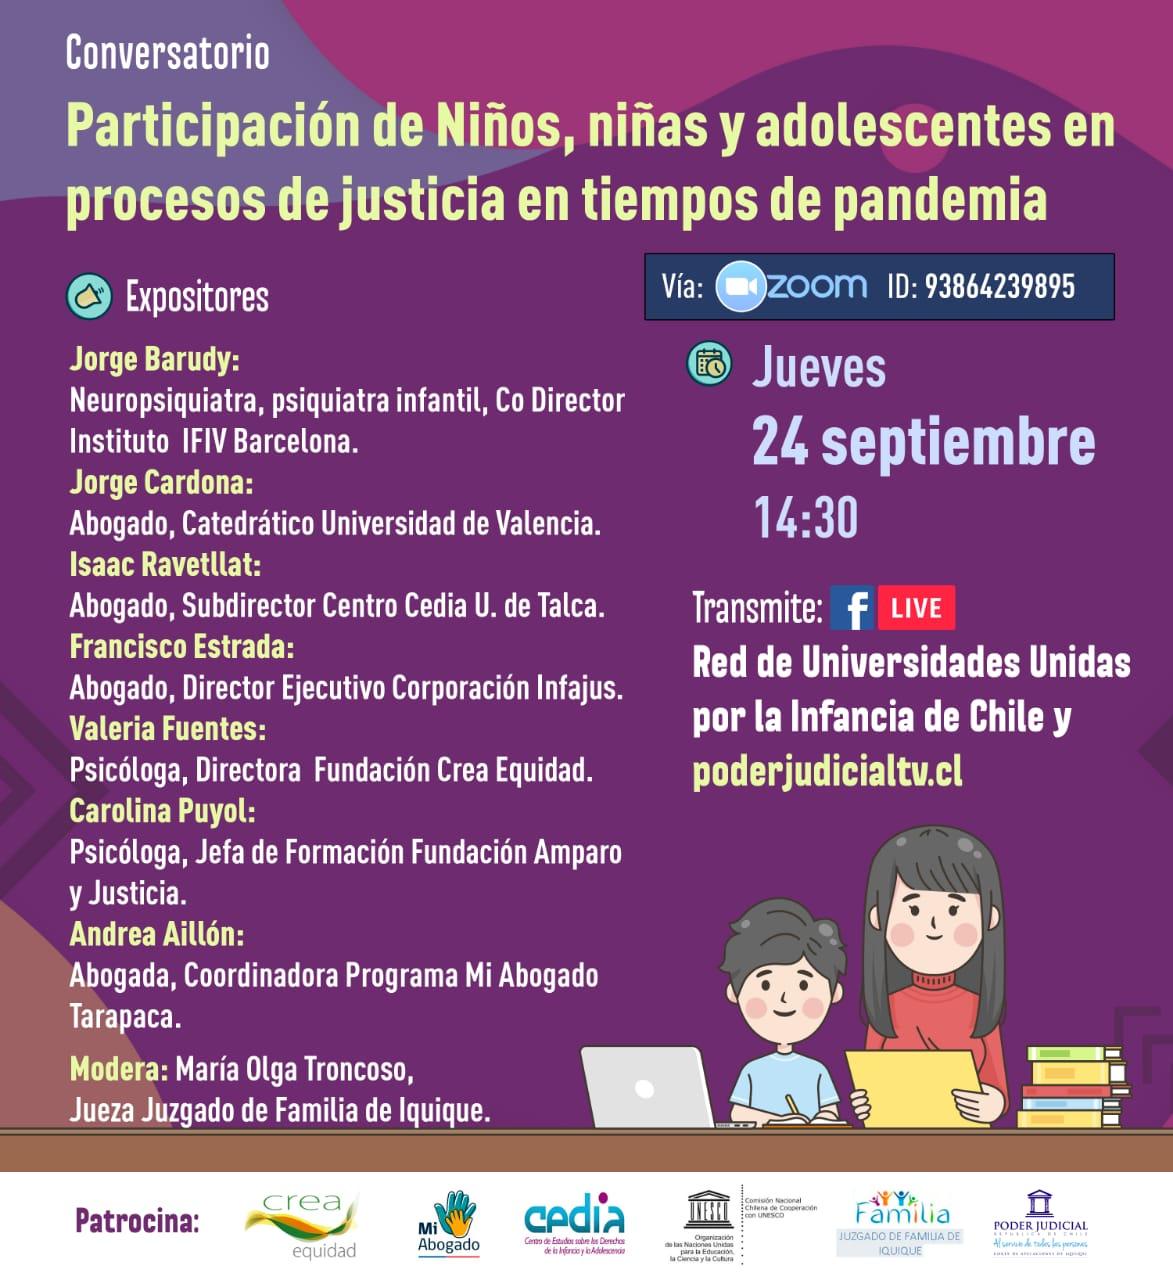 """Invitamos al conversatorio: """"Participación de niños, niñas y adolescentes en procesos de justicia en tiempos de pandemia"""""""